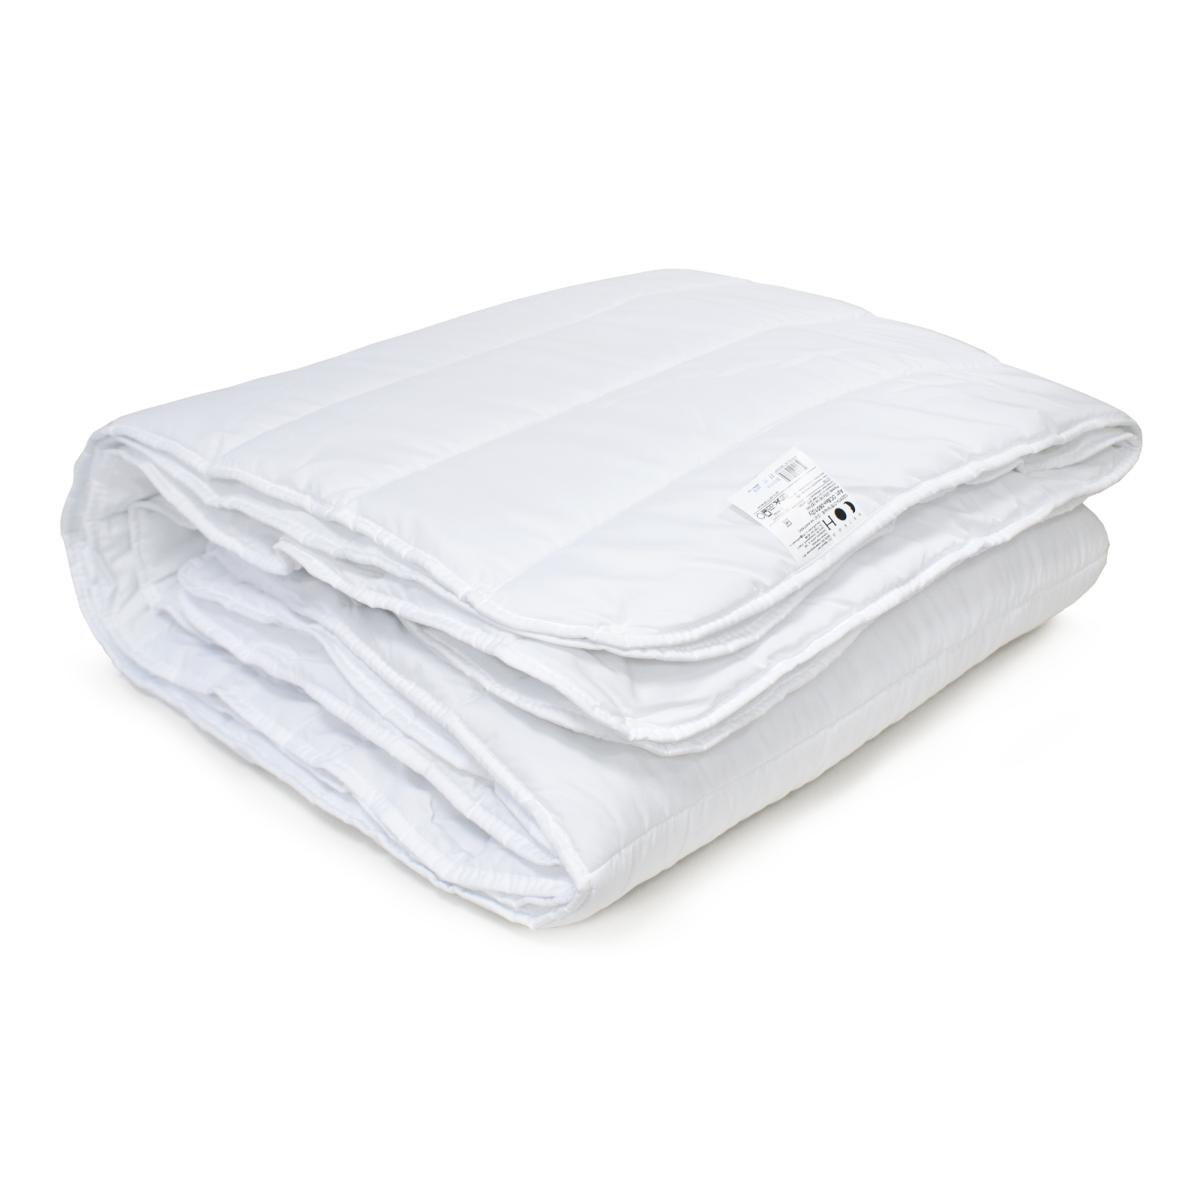 Комплект одеял Мягкий сон «Времена года» 205х172 см полиэфирное волокно